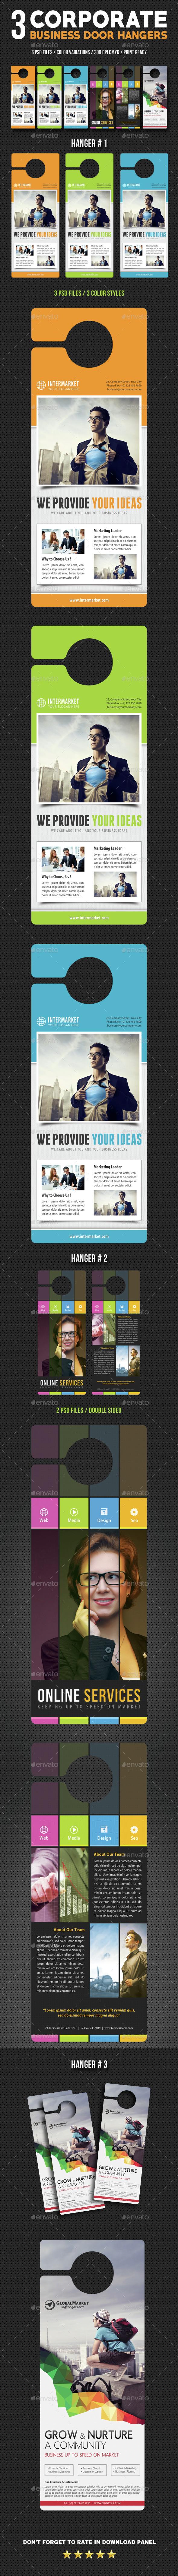 3 Corporate Business Door Hanger Bundle 05 - Miscellaneous Print Templates